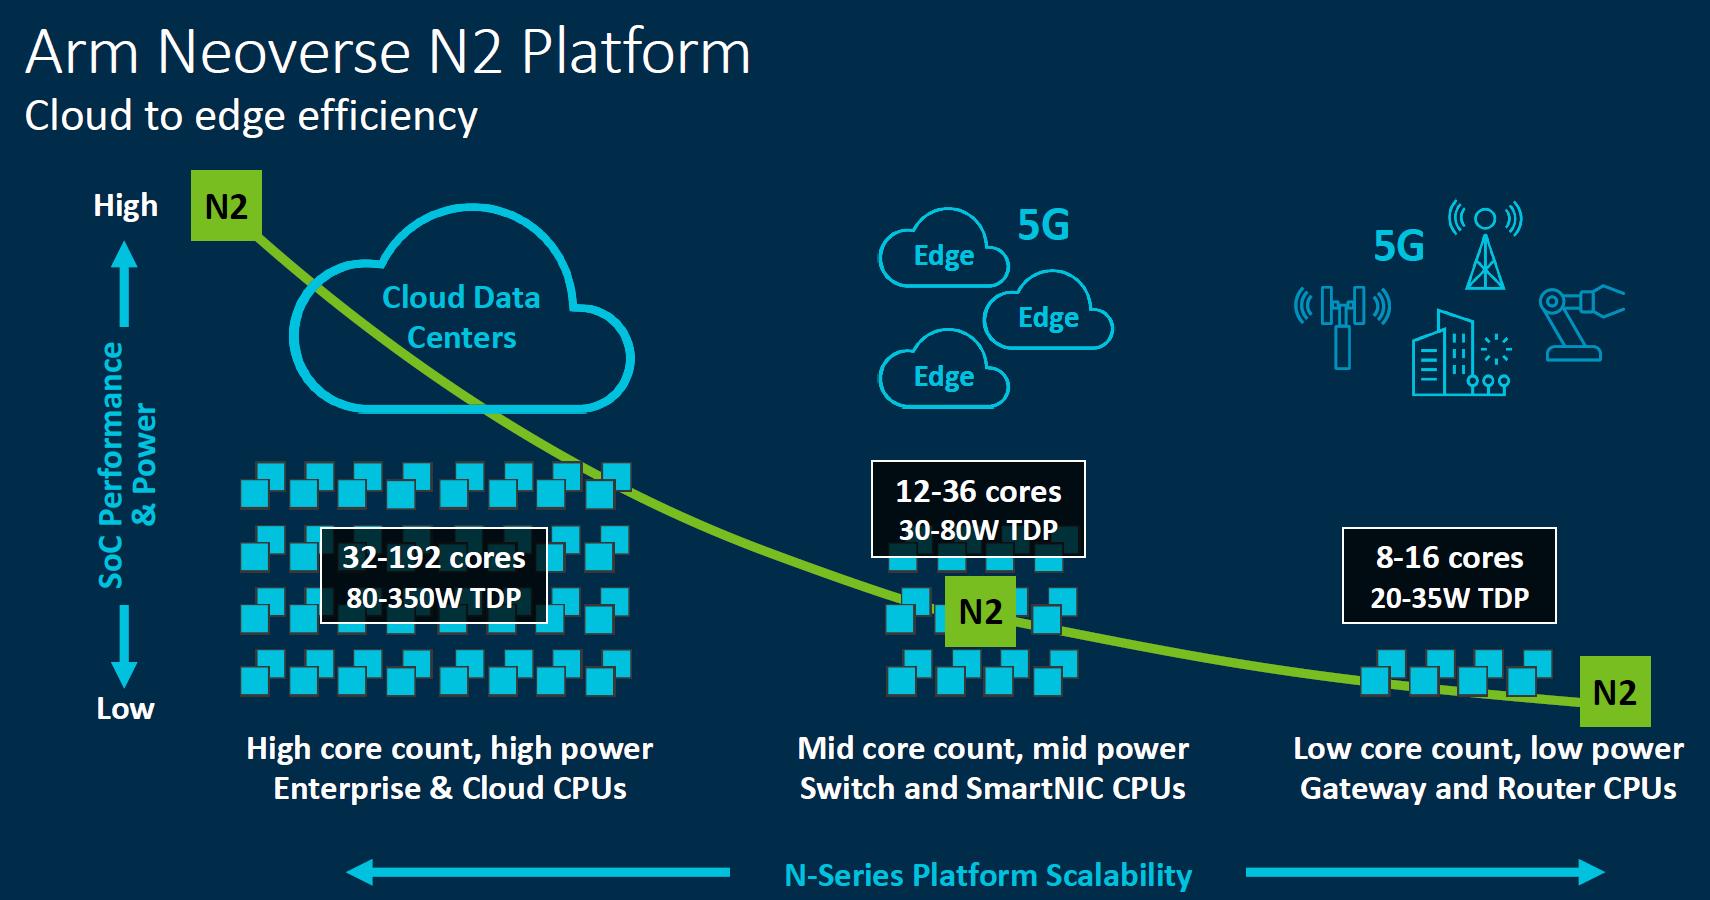 Arm Neoverse N2 Platform 2020 Update